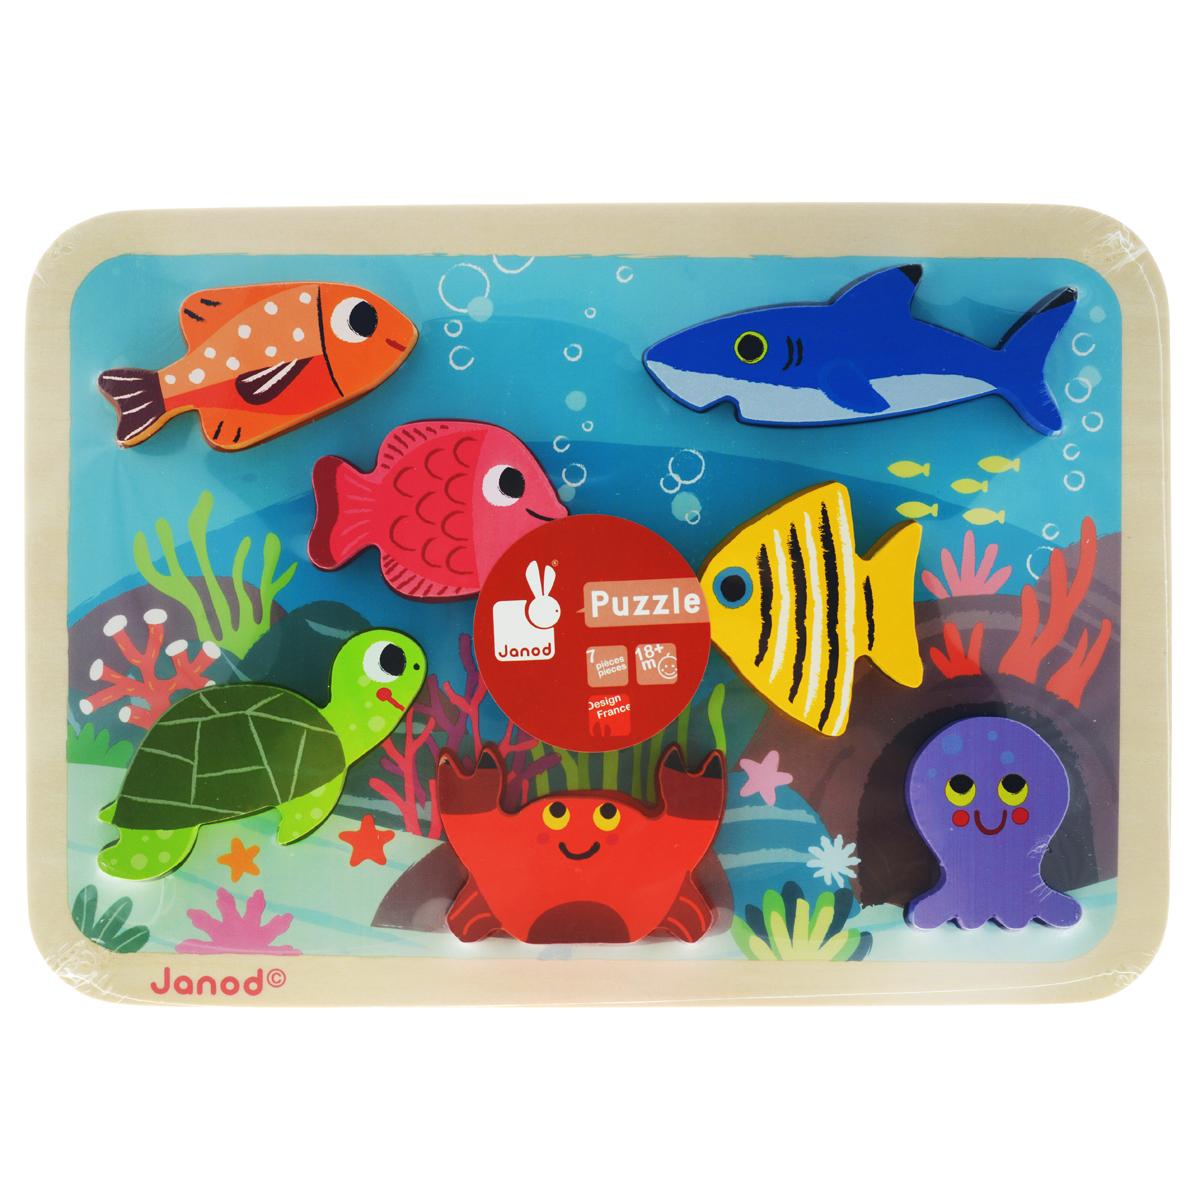 Пазл-вкладыш объемный Janod Подводный мир, 7 элементовJ07056Деревянный пазл-вкладыш Janod Подводный мир собирается на специальной деревянной основе с отверстиями, оформленной изображением фрагмента морского дна. Малыш должен расположить по своим местам объемные фигурки в виде трех различных рыбок, черепашки, краба, акулы и осьминога. Благодаря тому, что фигурки объемные, их можно ставить, а значит, использовать в других играх. Вы можете вместе с ребенком придумать занимательные истории с этими животными, а также использовать их в своих рисунках. Для этого приложите вкладыш к листу бумаги и обведите, а потом раскрасьте. Игрушка изготовлена из дерева, выкрашенного яркими красками на водной основе; все края закруглены. Деревянный пазл-вкладыш Janod Подводный мир способствует развитию цветовосприятия, мелкой моторики рук, логического мышления и знакомит малыша с окружающим миром.